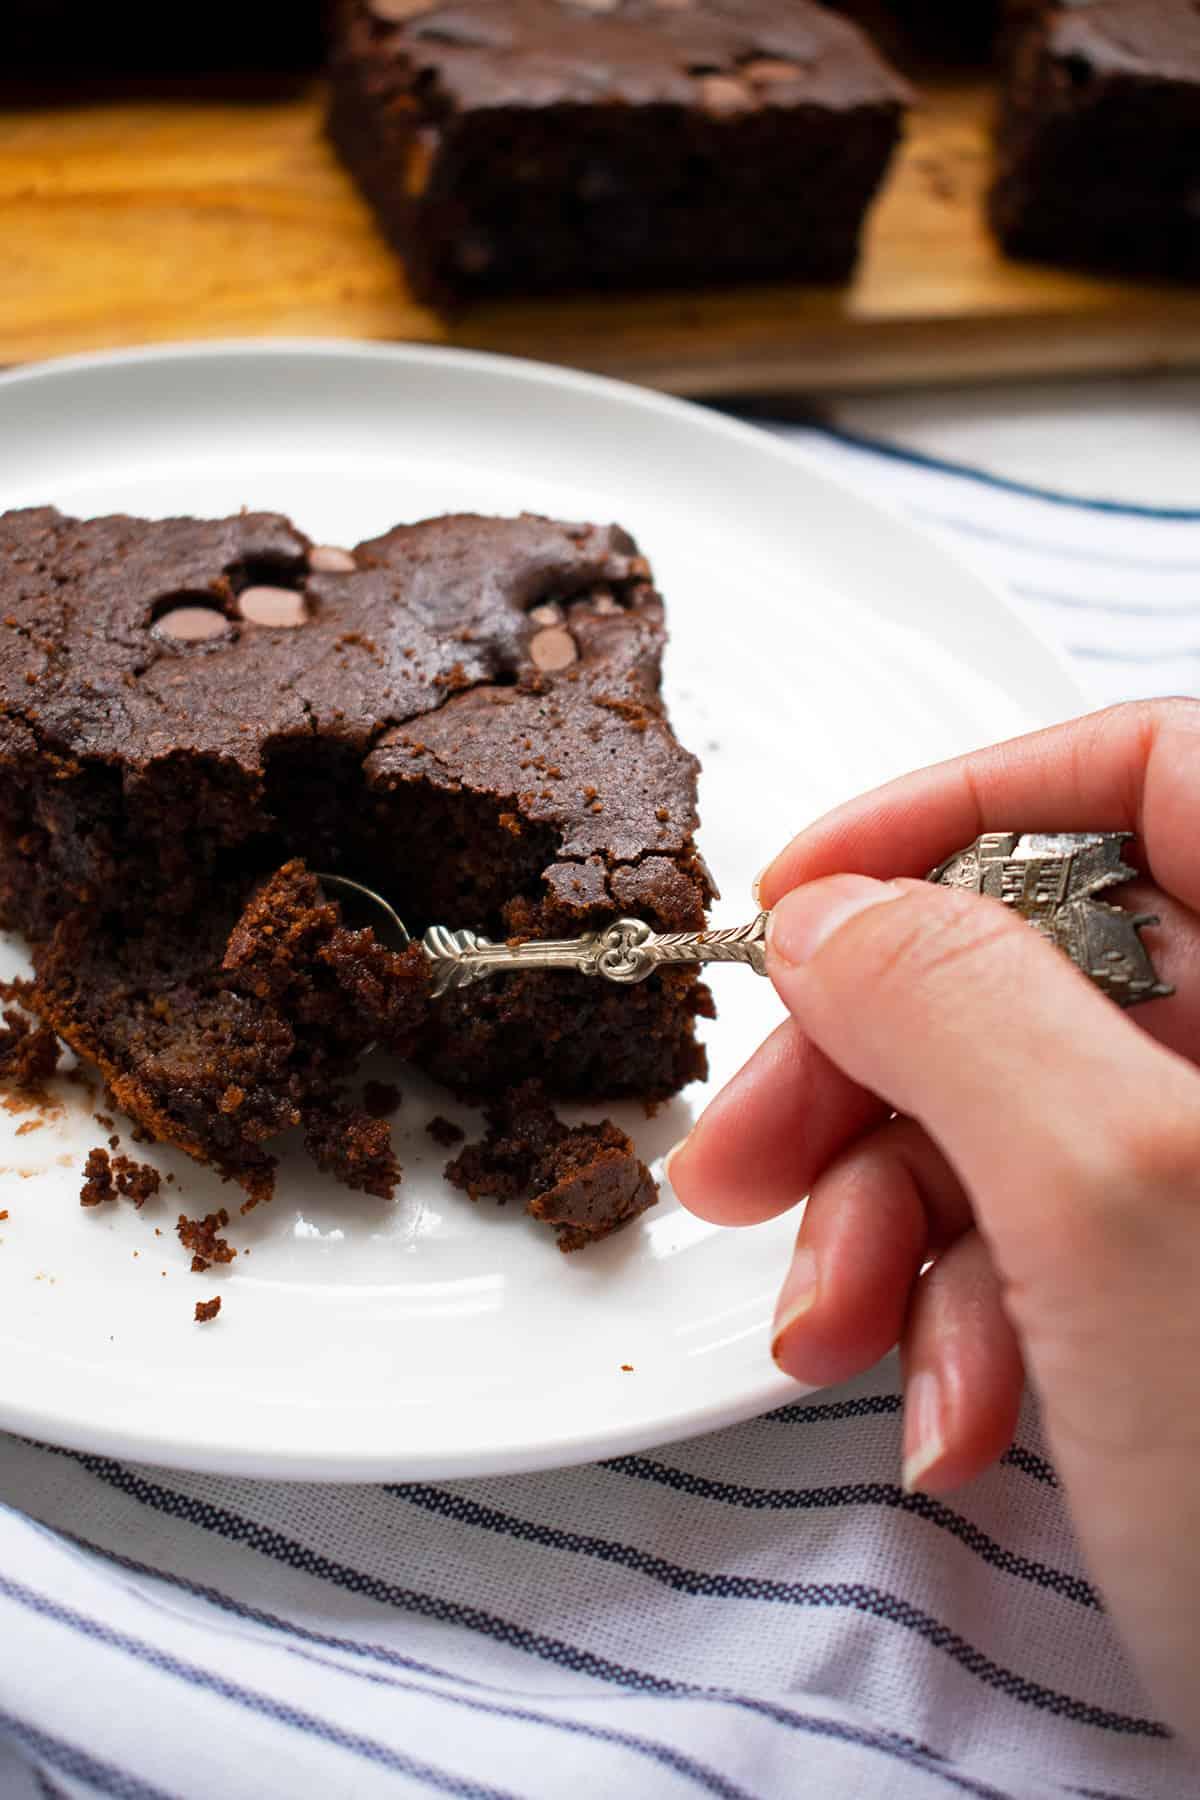 comiendo brownie de chocolate con una cuchara pequeña